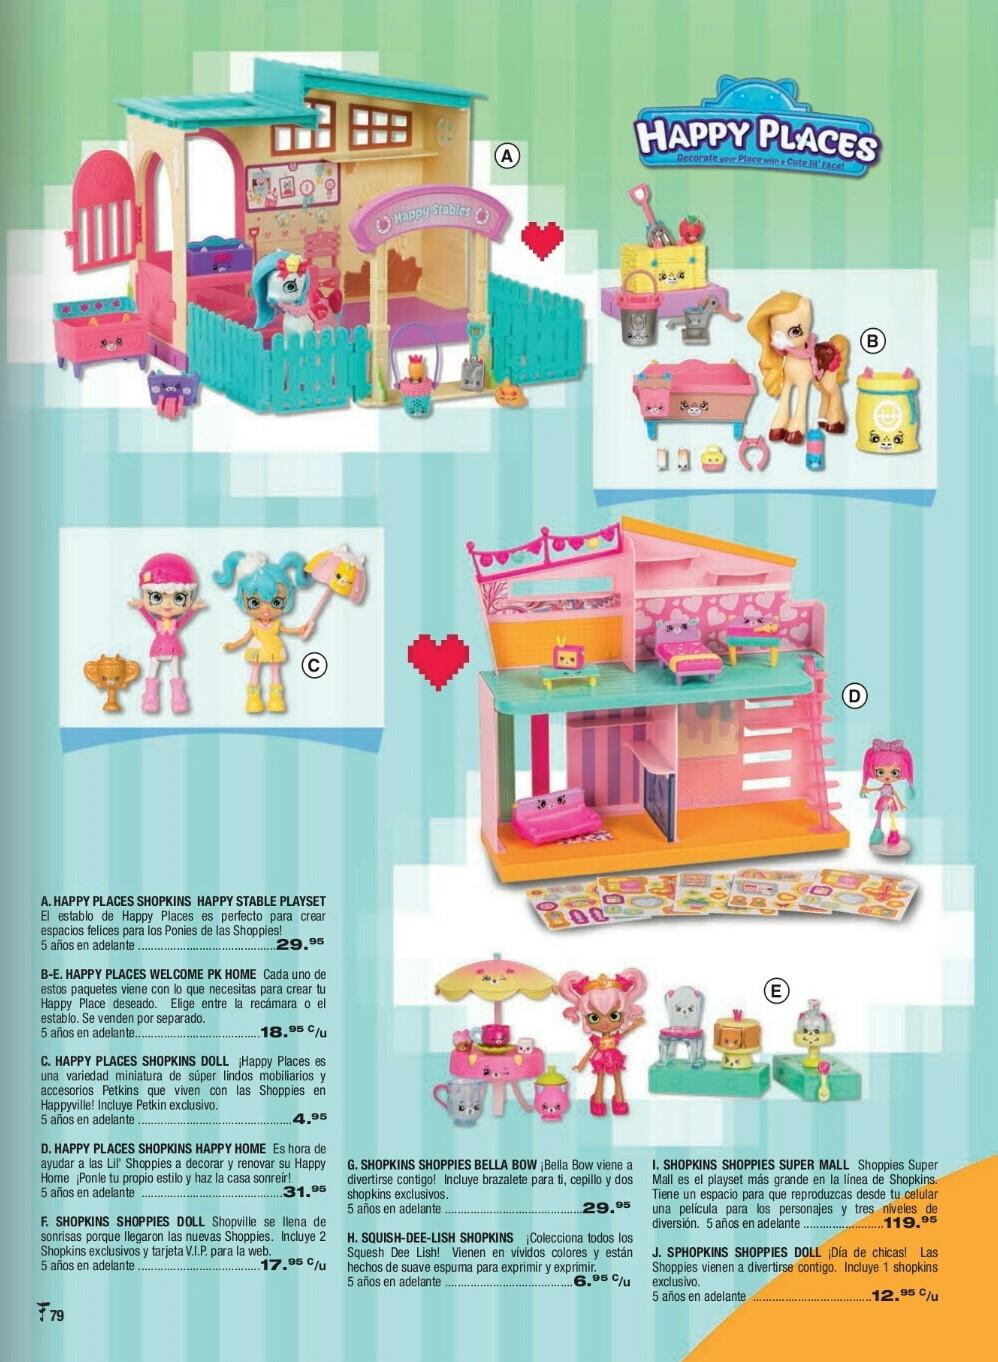 Catalogo juguetes Felix B Maduro 2018 p79